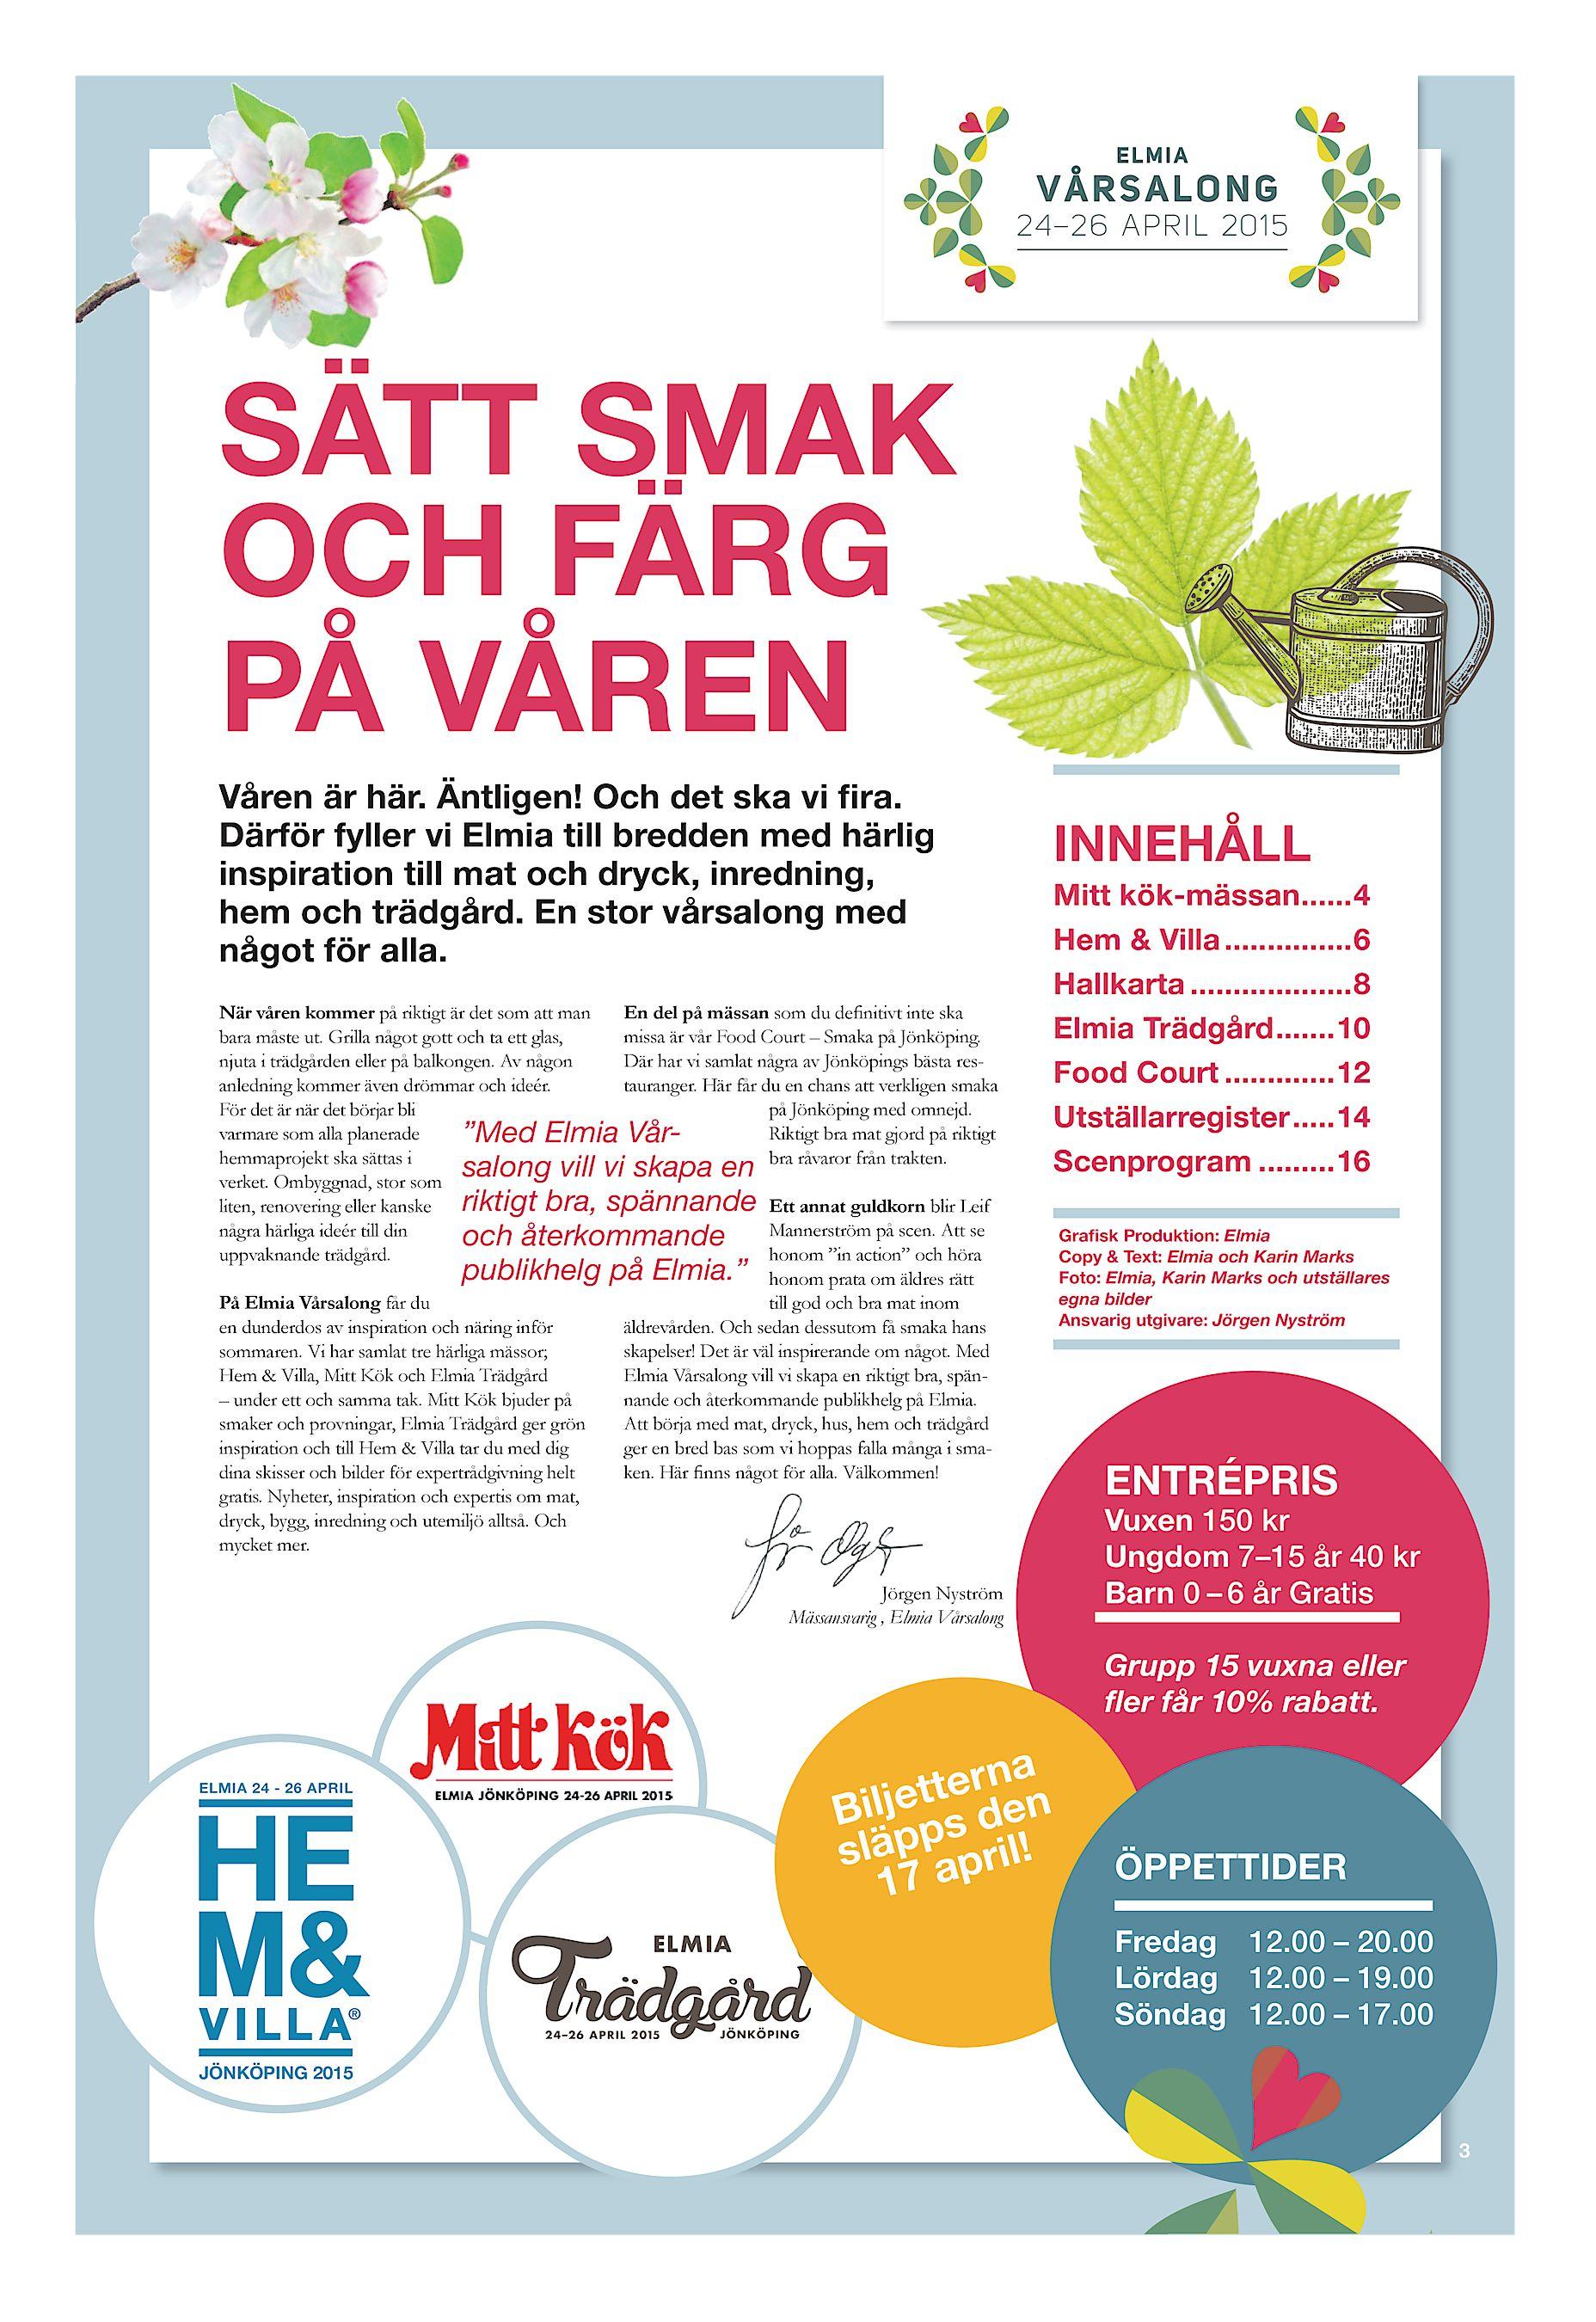 dryck massage fantasi i jönköping